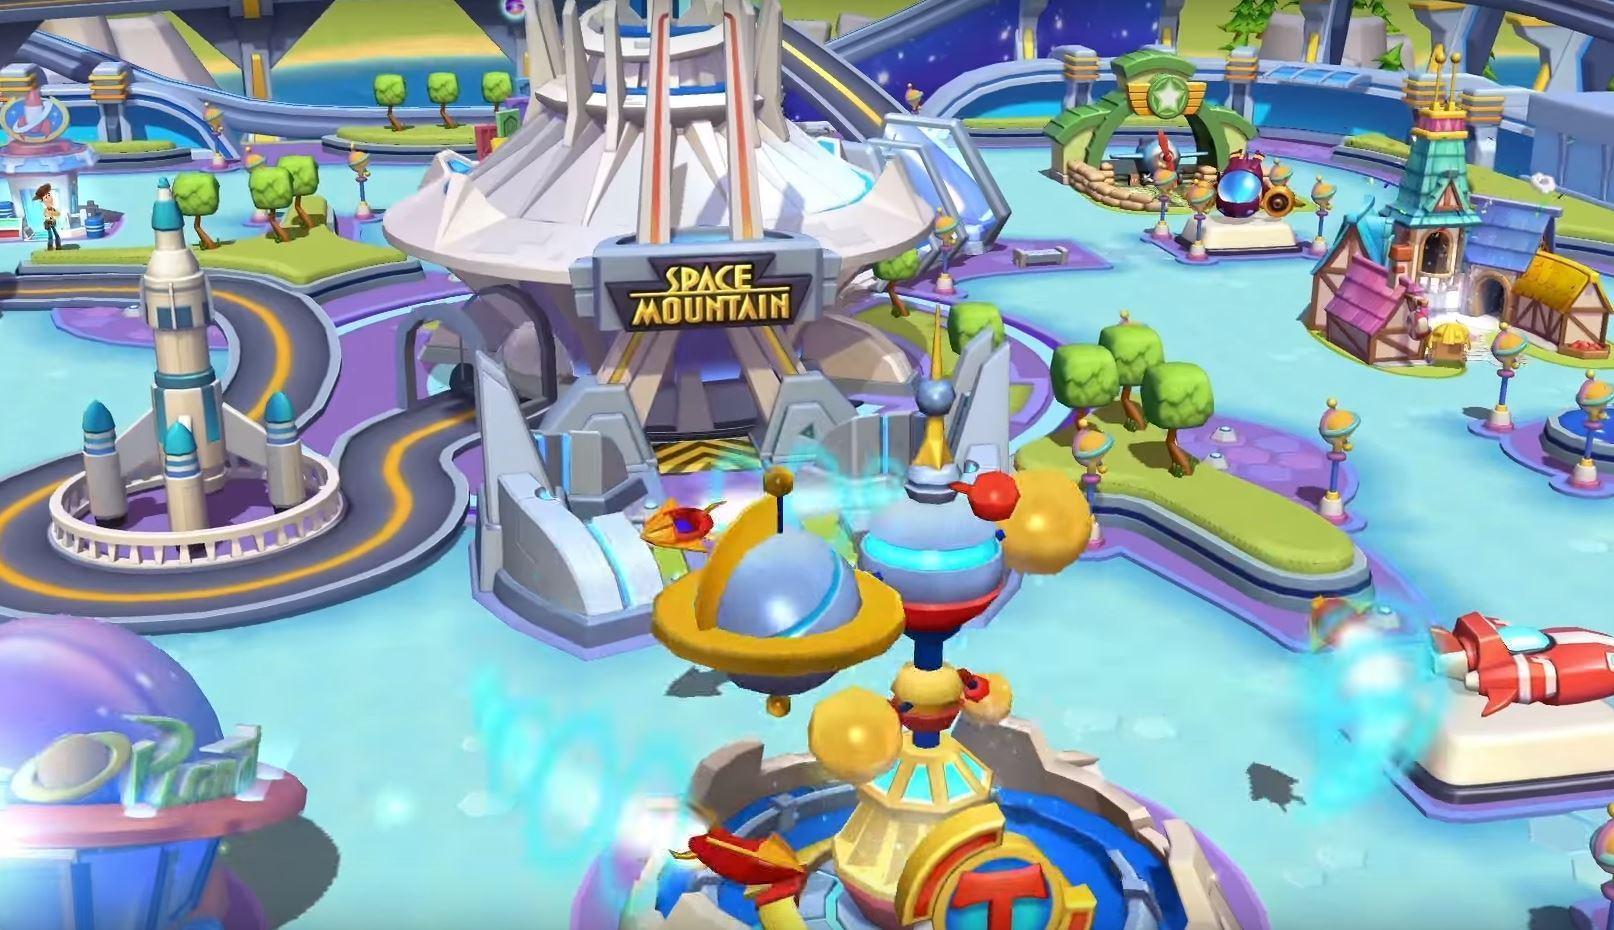 Les Meilleurs Jeux Pour Smartphones Et Tablettes Android avec Jeux Gratuits Pour Enfants De 7 Ans